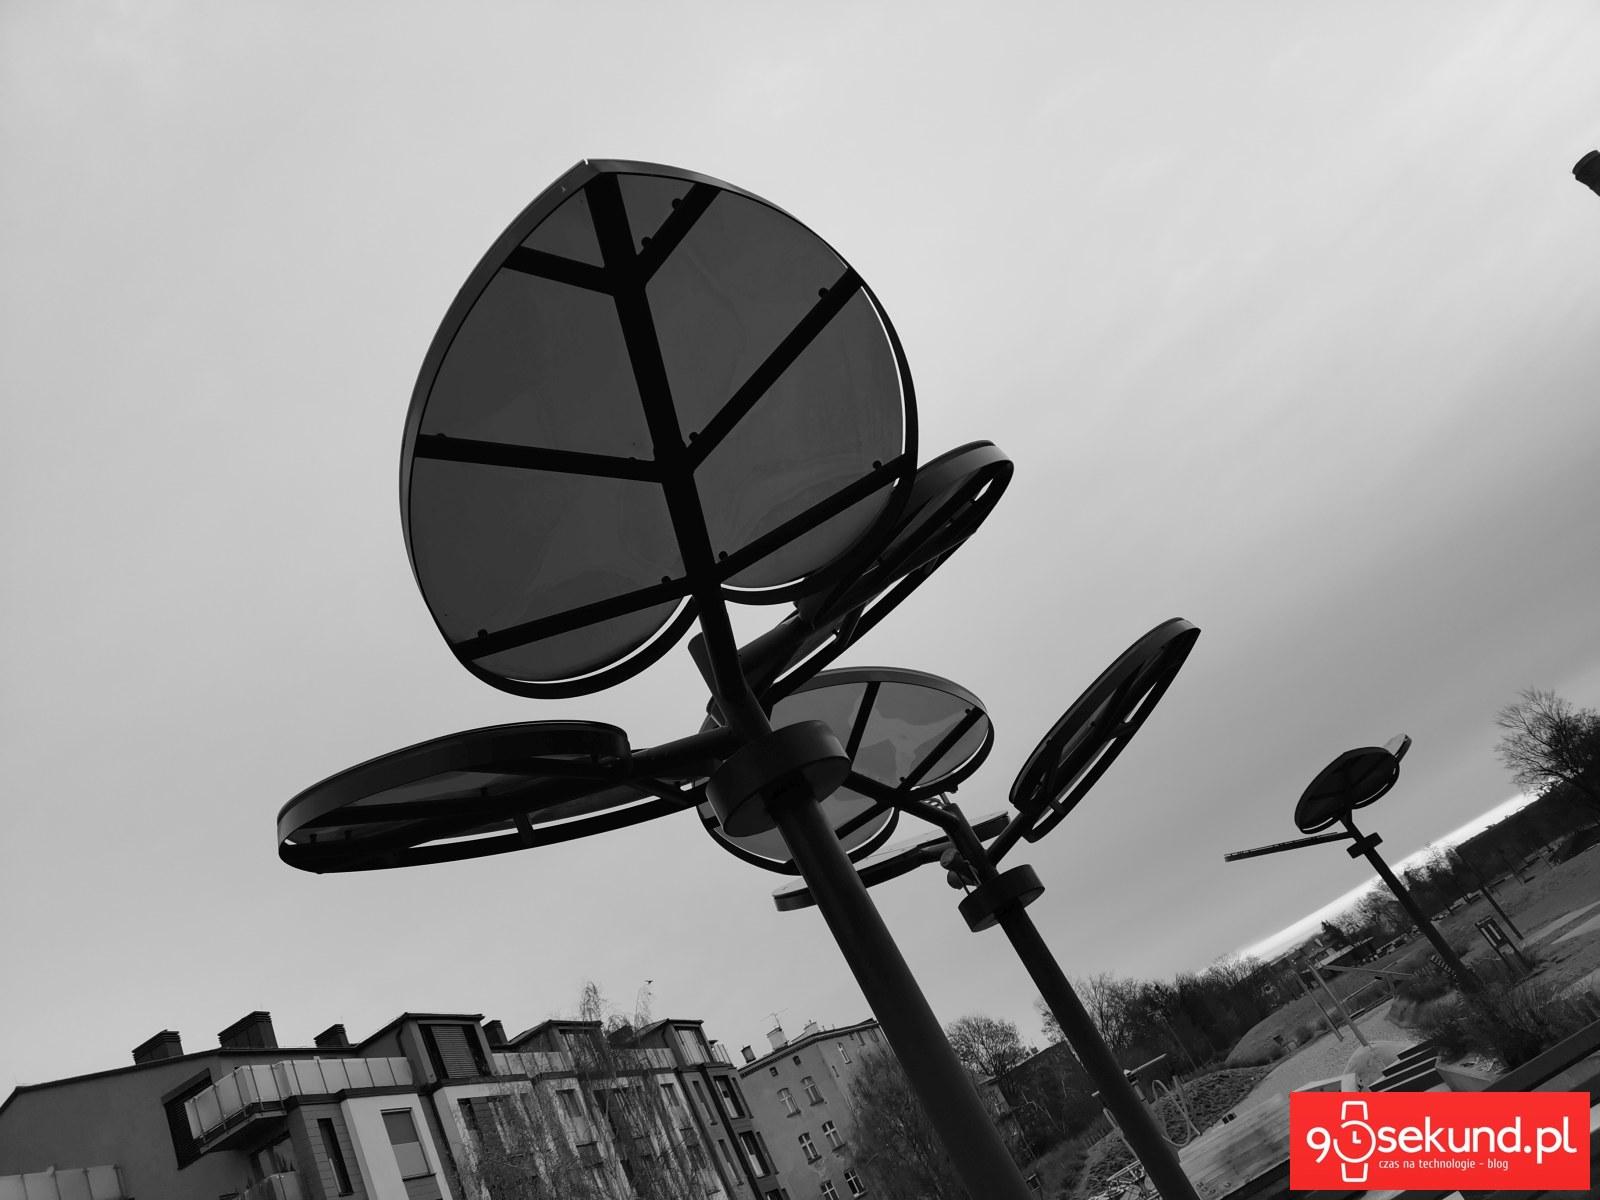 Tryb czarno-biały w Huawei Mate 20 Pro - Michał Brożyński - 90sekund.pl